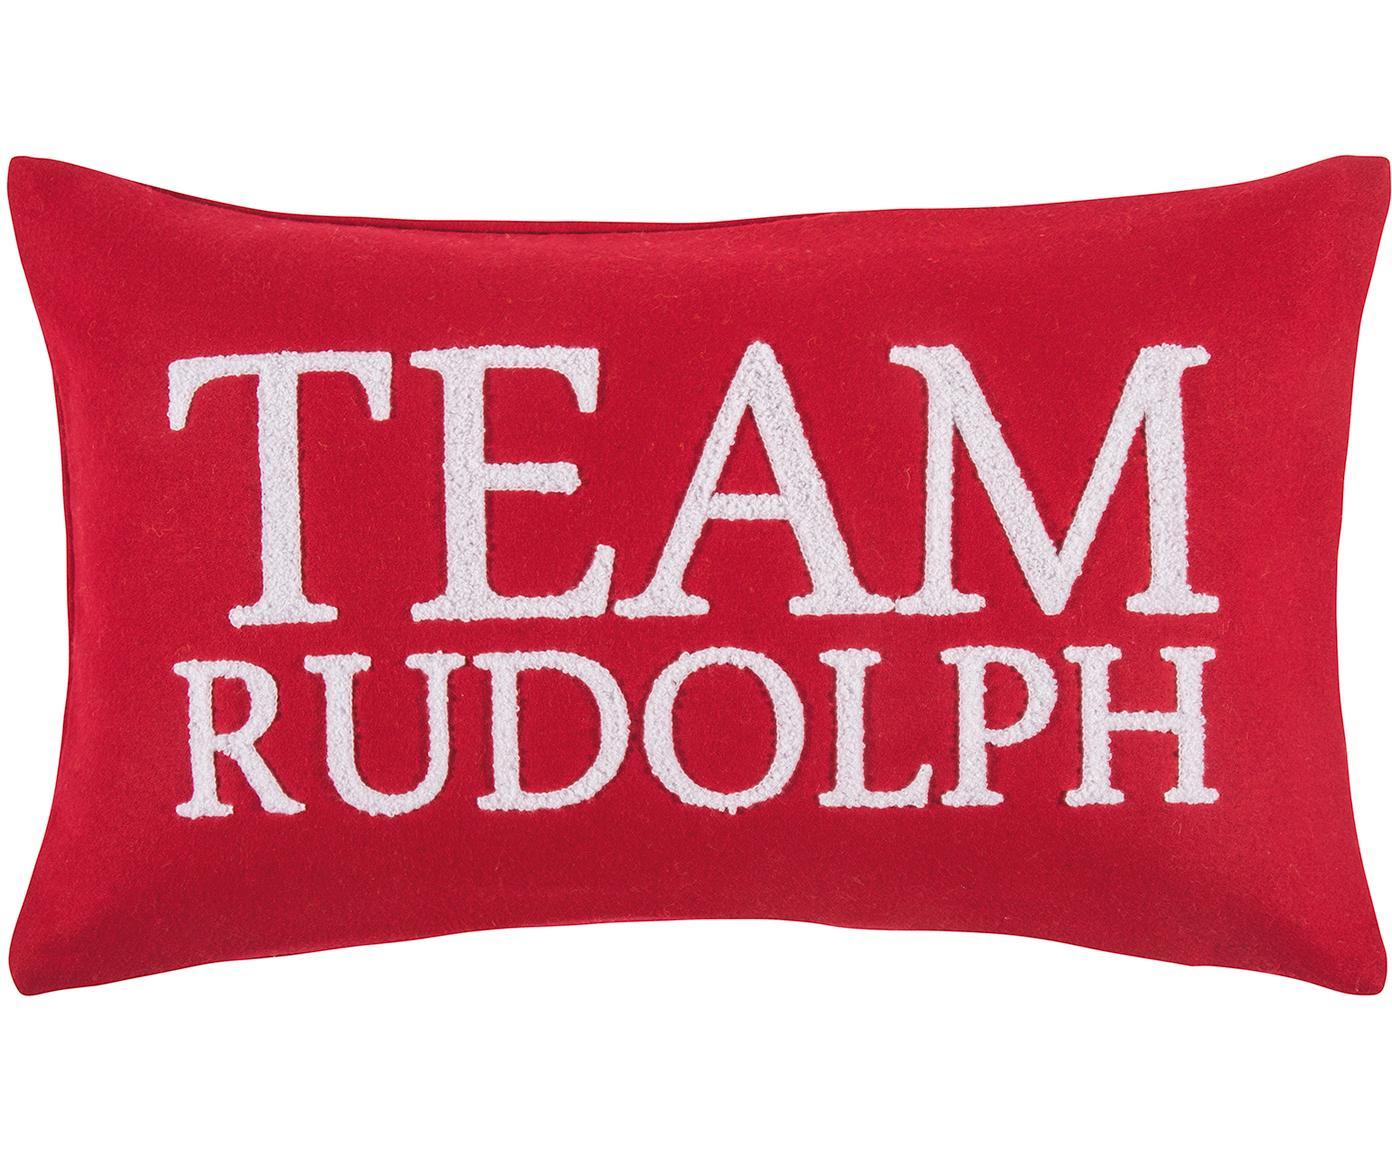 Kissenhülle Rudolph mit erhabener Aufschrift, 60% Wolle, 40% Polyester, Rot, Weiss, 30 x 50 cm